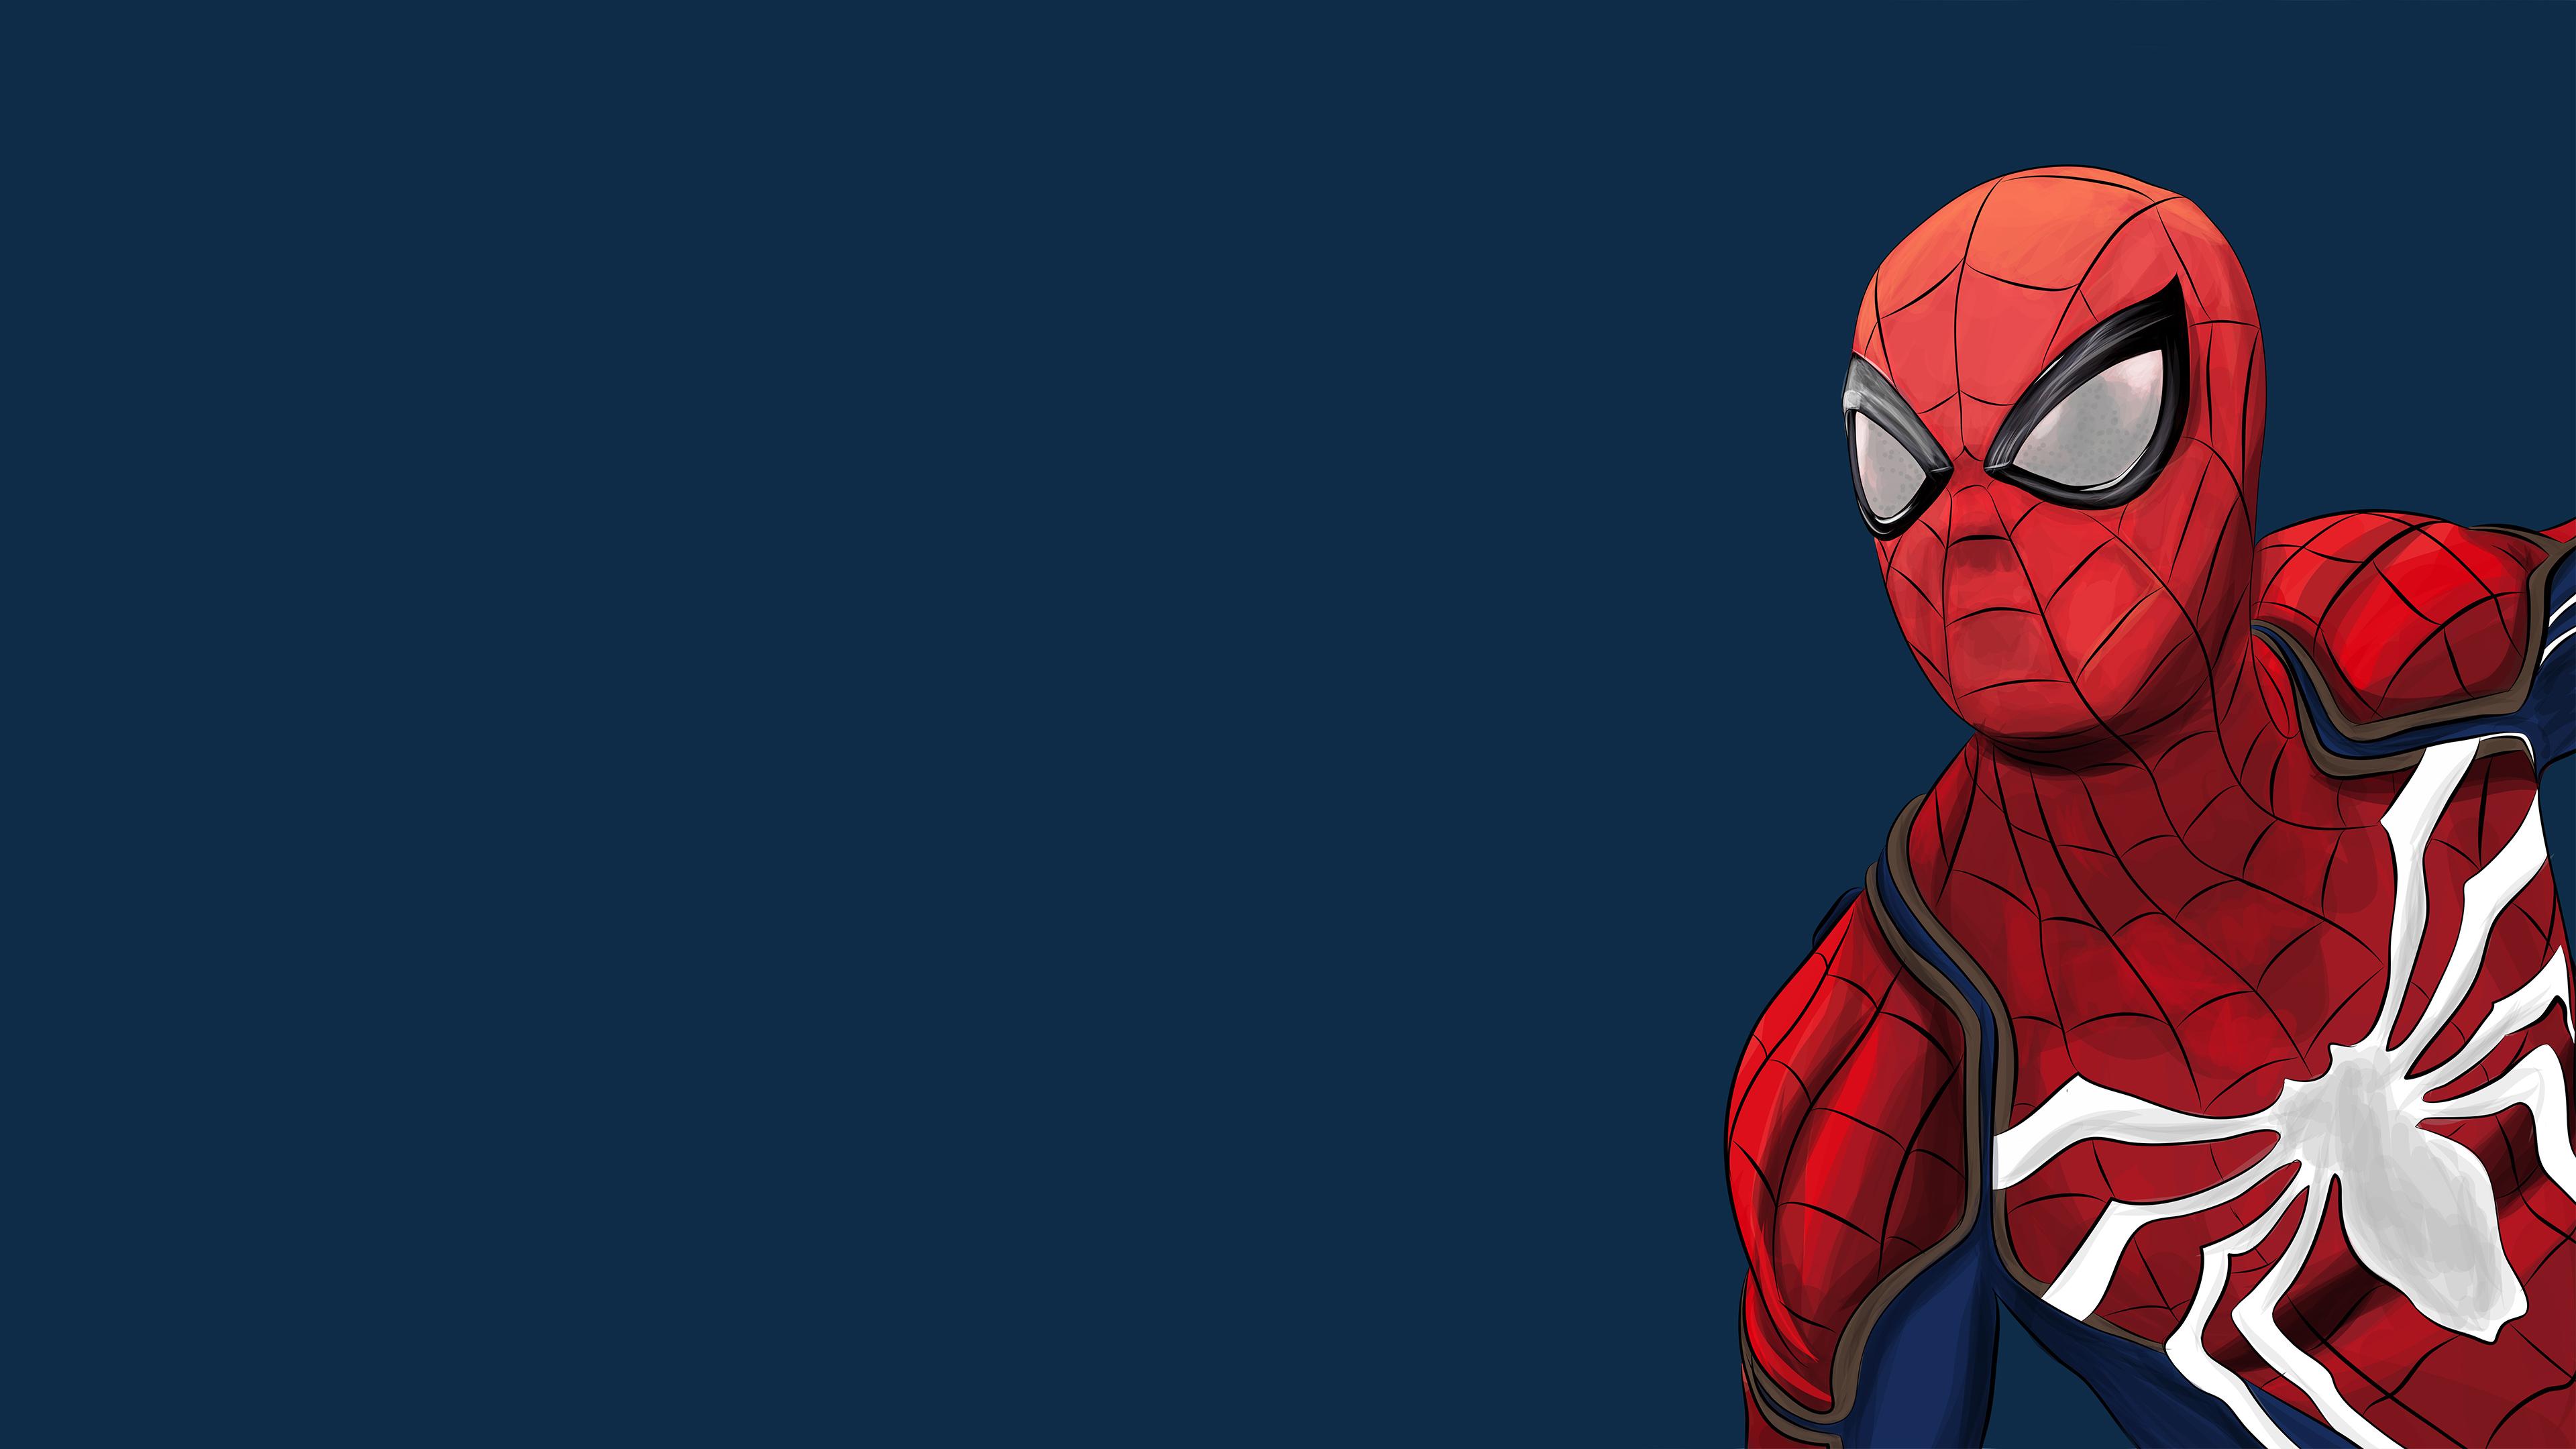 Spiderman Ps4 Artwork 4k 2018 superheroes wallpapers ...